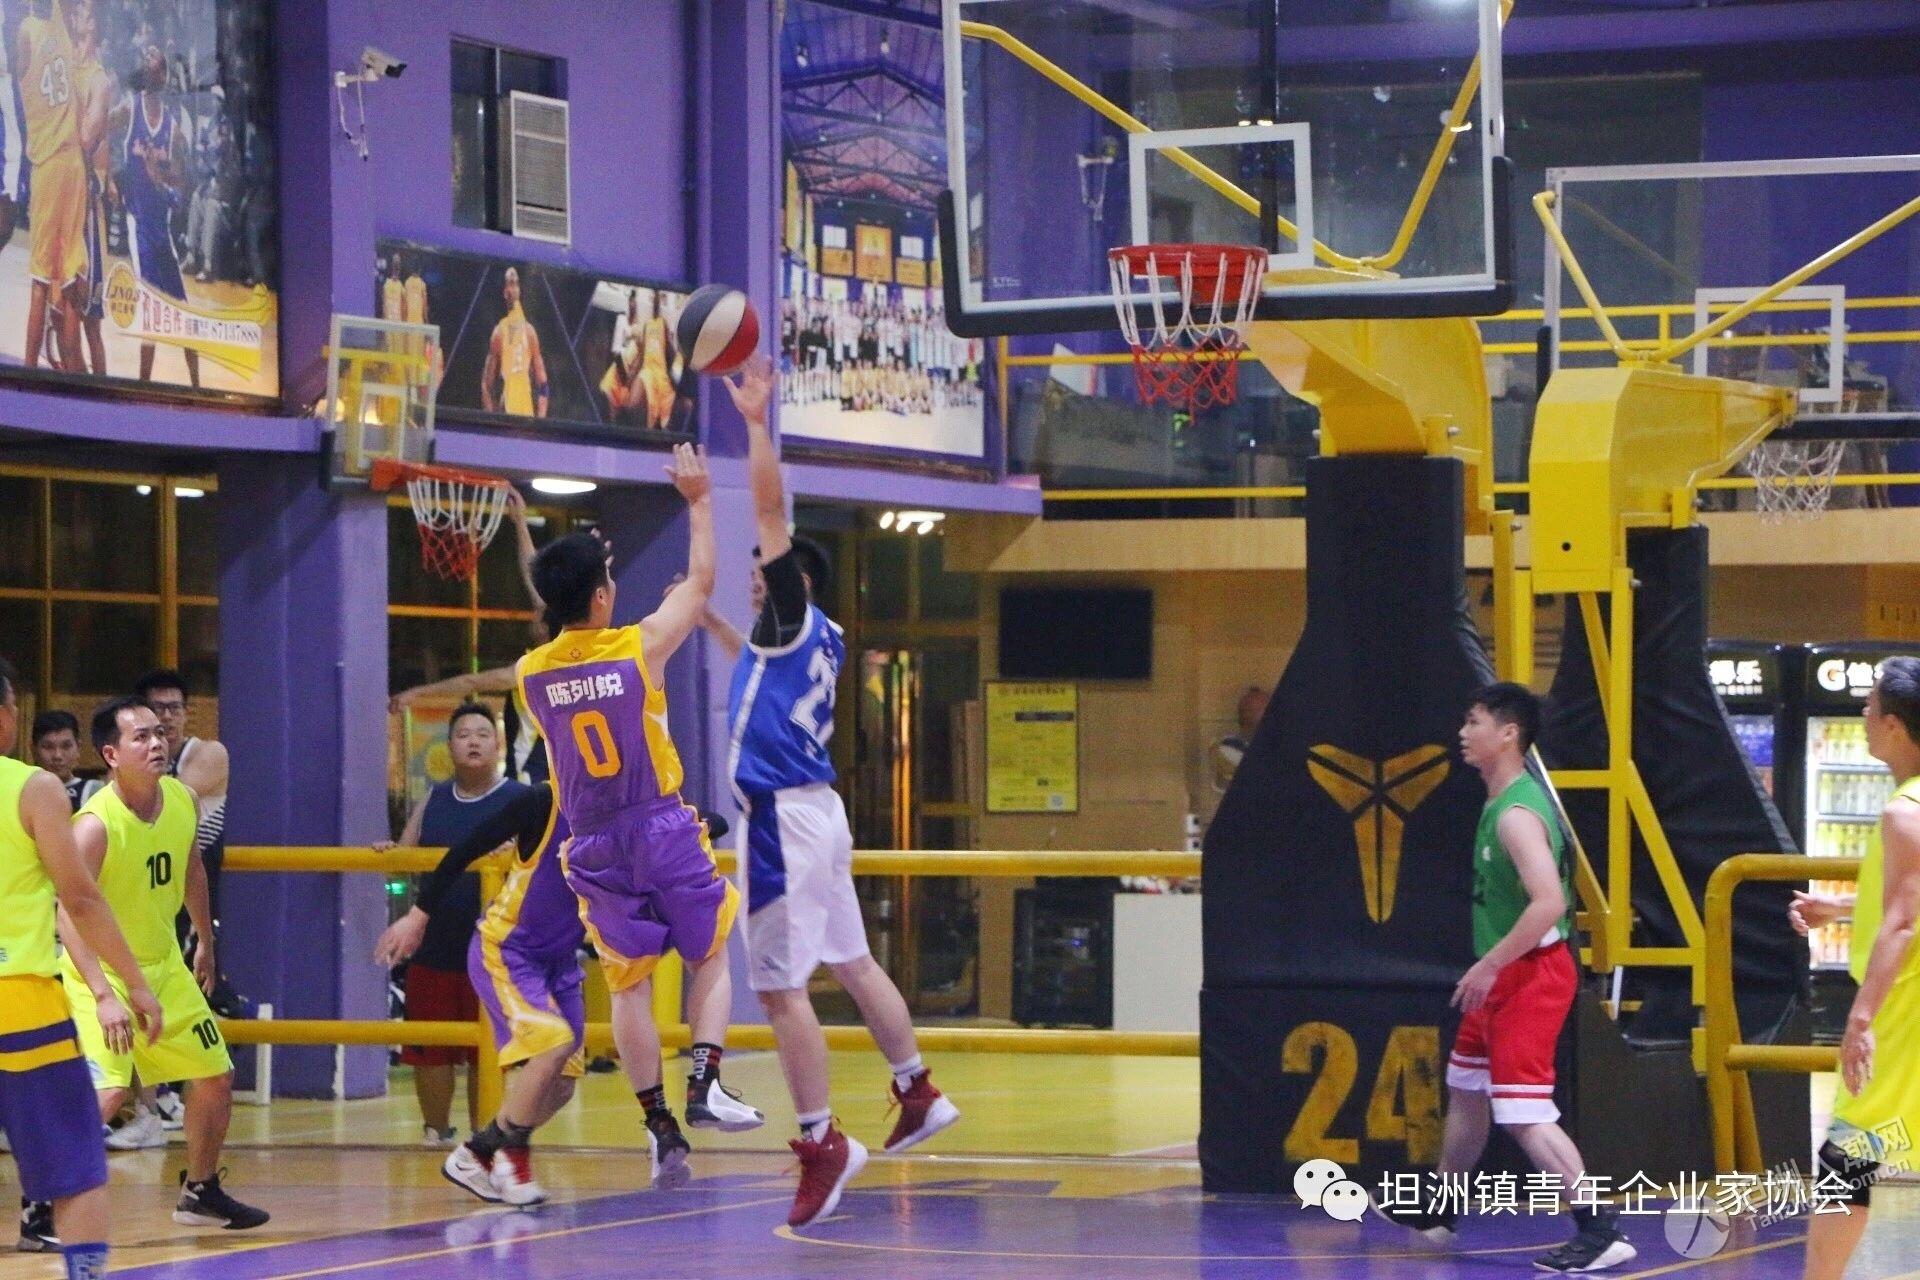 以球会友,绽放风采!坦洲青企与坦洲人社篮球友谊赛精彩回顾